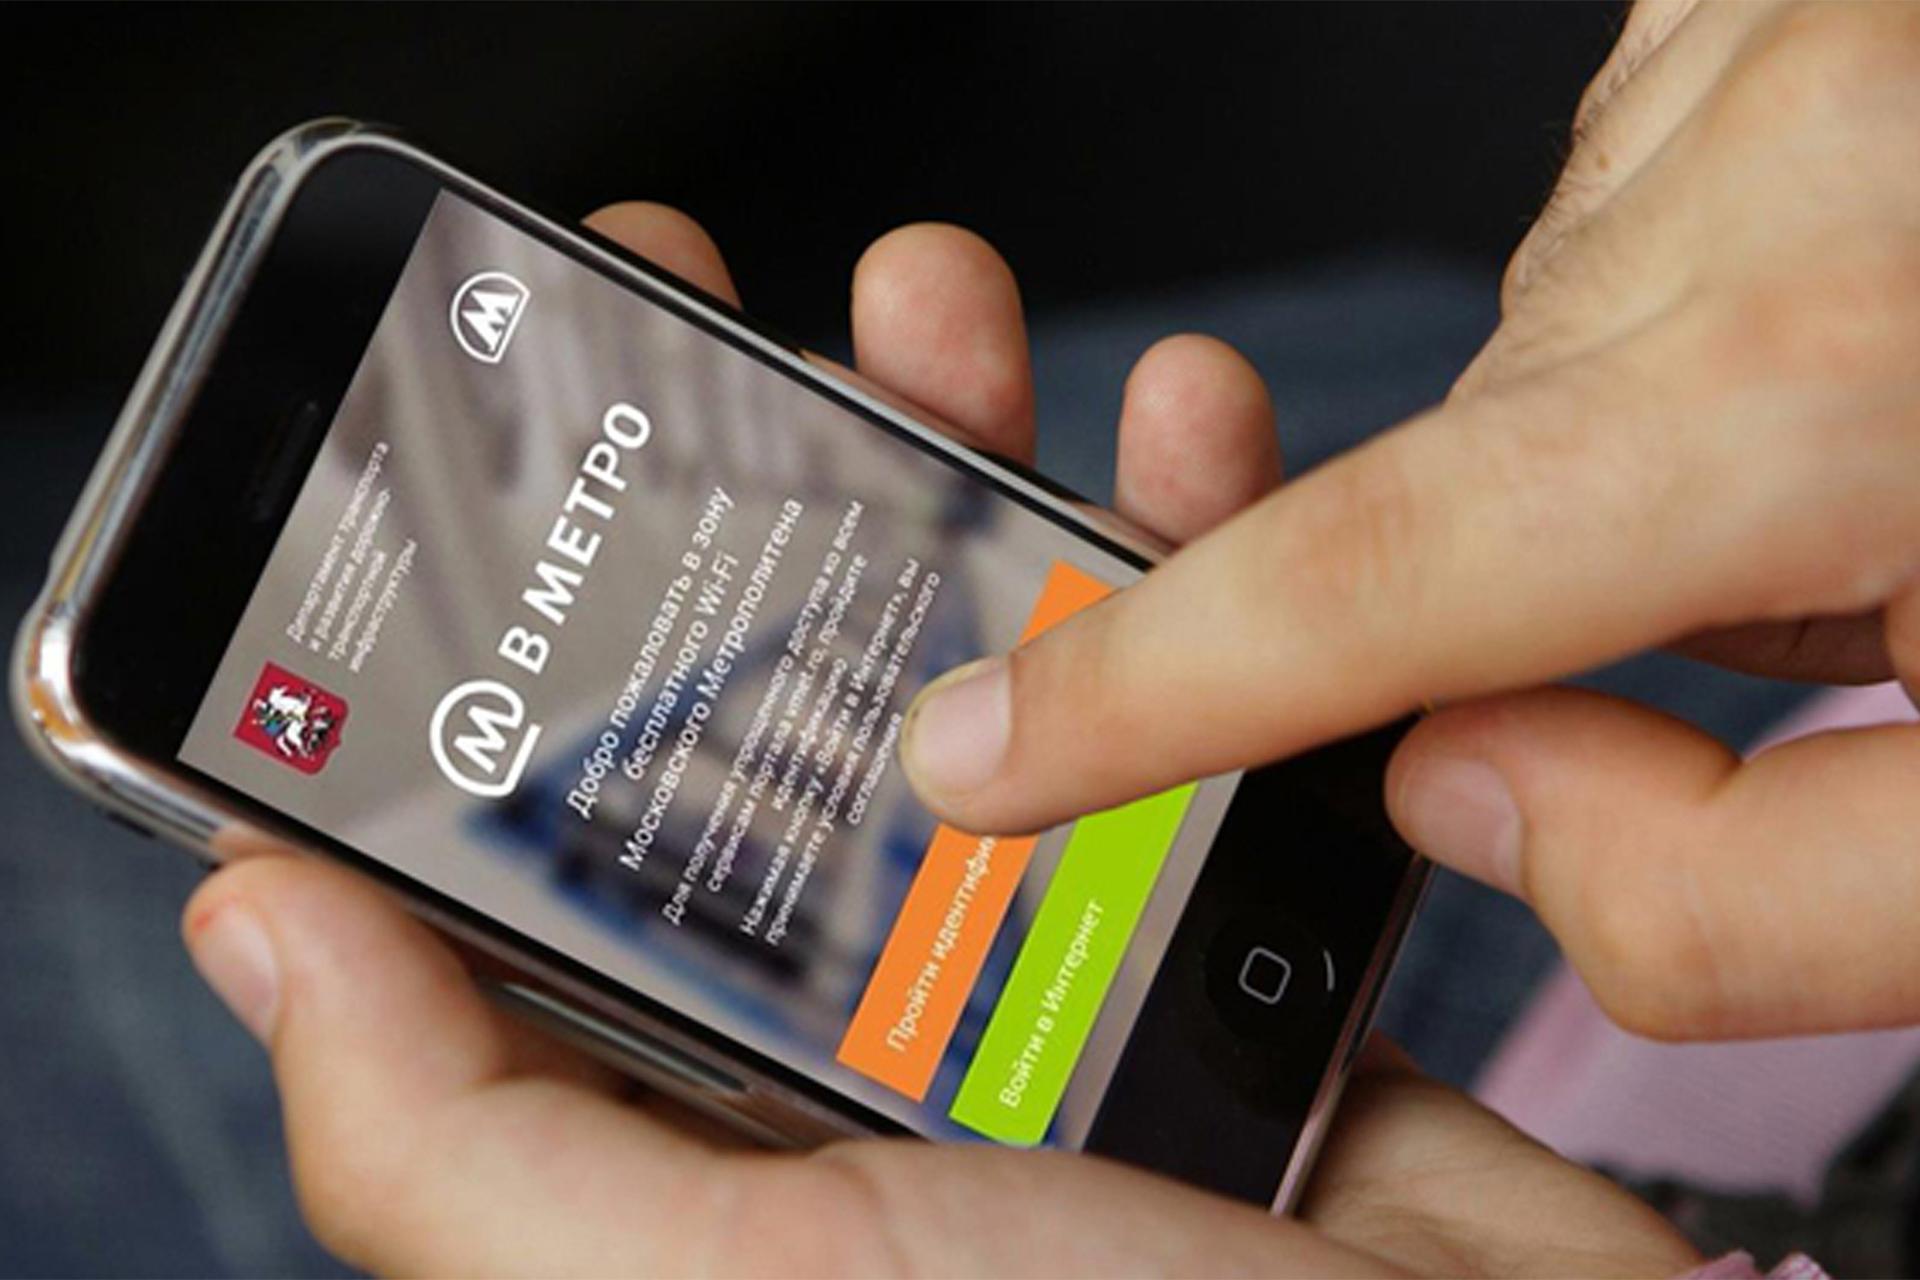 В метро Москвы выросли цены на платный Wi-Fi без рекламы